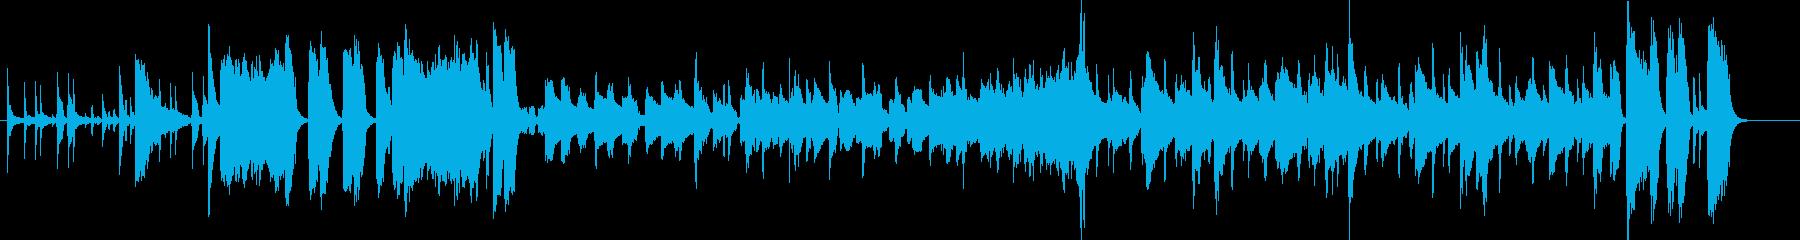 昭和の飲み屋街とサラリーマン描写の再生済みの波形